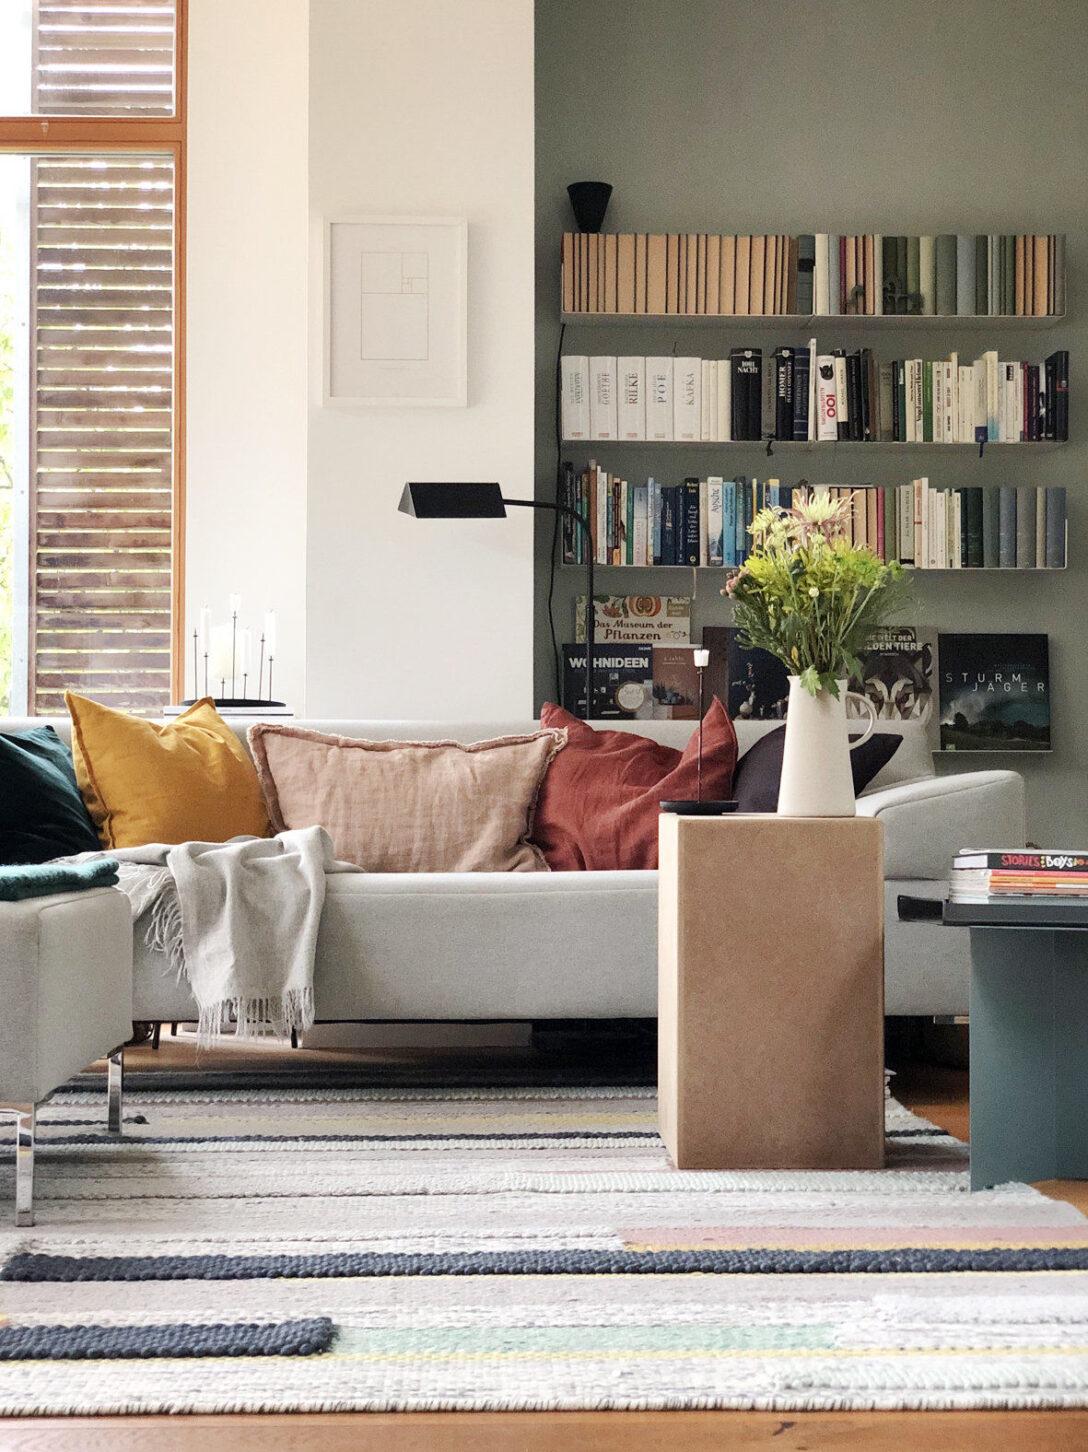 Large Size of Teppich Küche Ikea Schnsten Ideen Fr Teppiche Von Zusammenstellen Werkbank Mischbatterie Miniküche Einbauküche Ohne Kühlschrank Mit Geräten Hängeschrank Wohnzimmer Teppich Küche Ikea